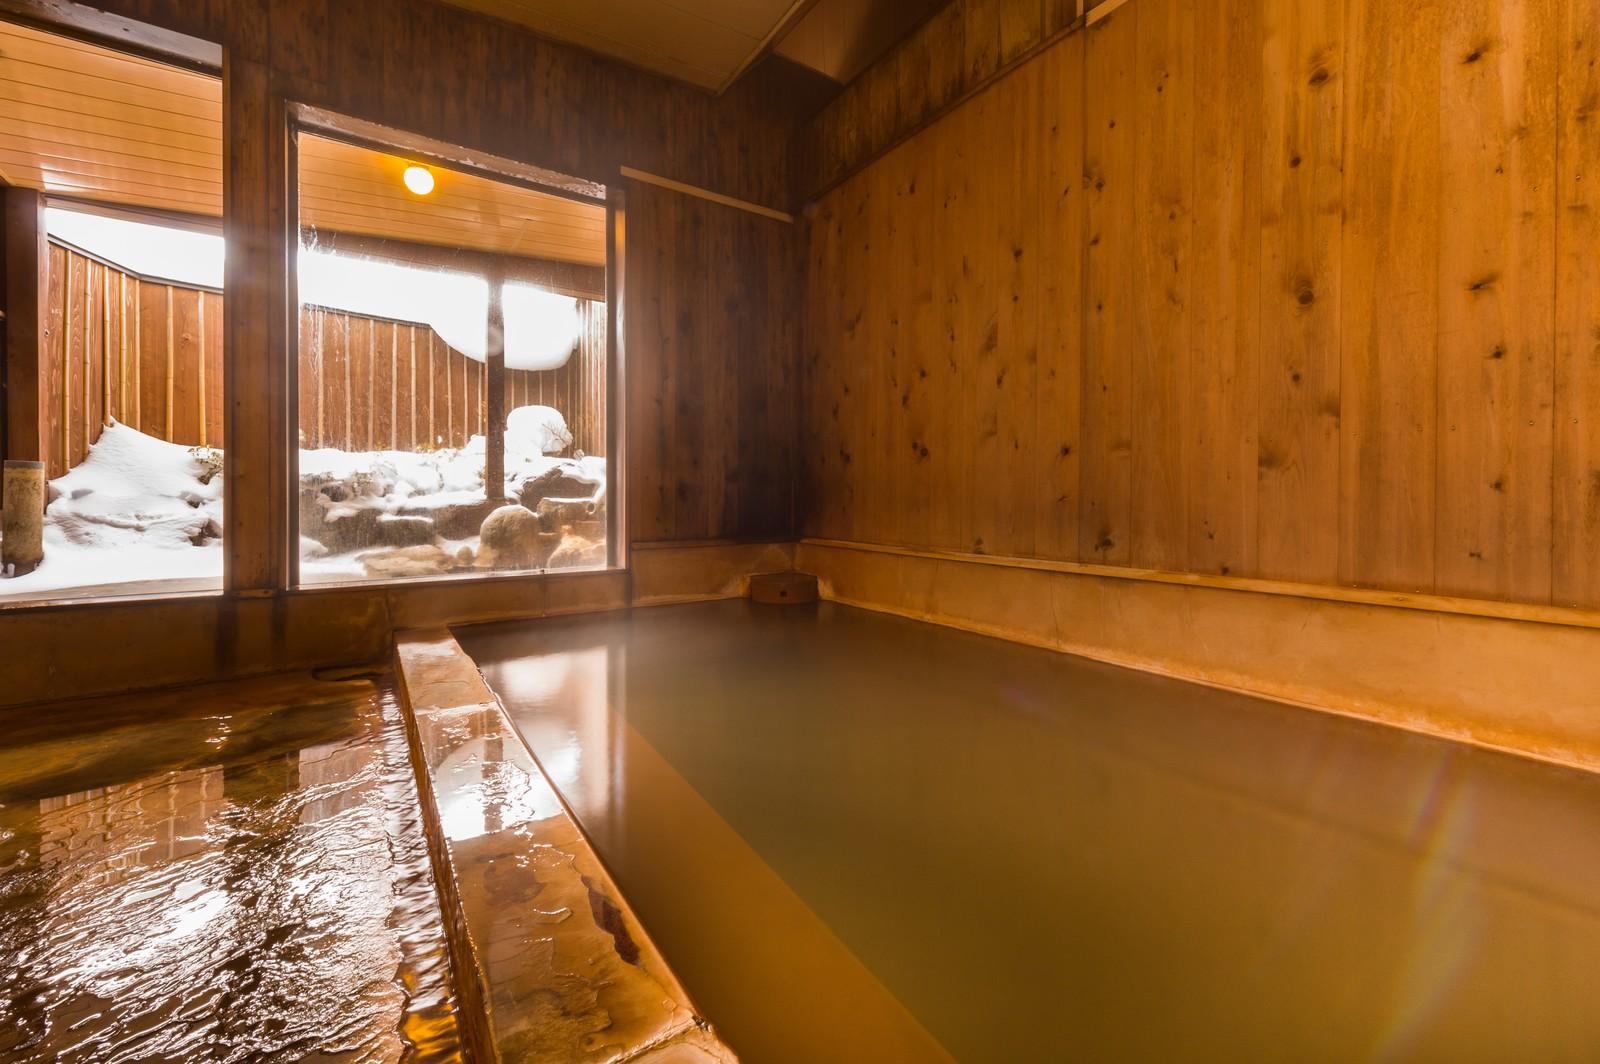 覺得粉溫暖の浴池